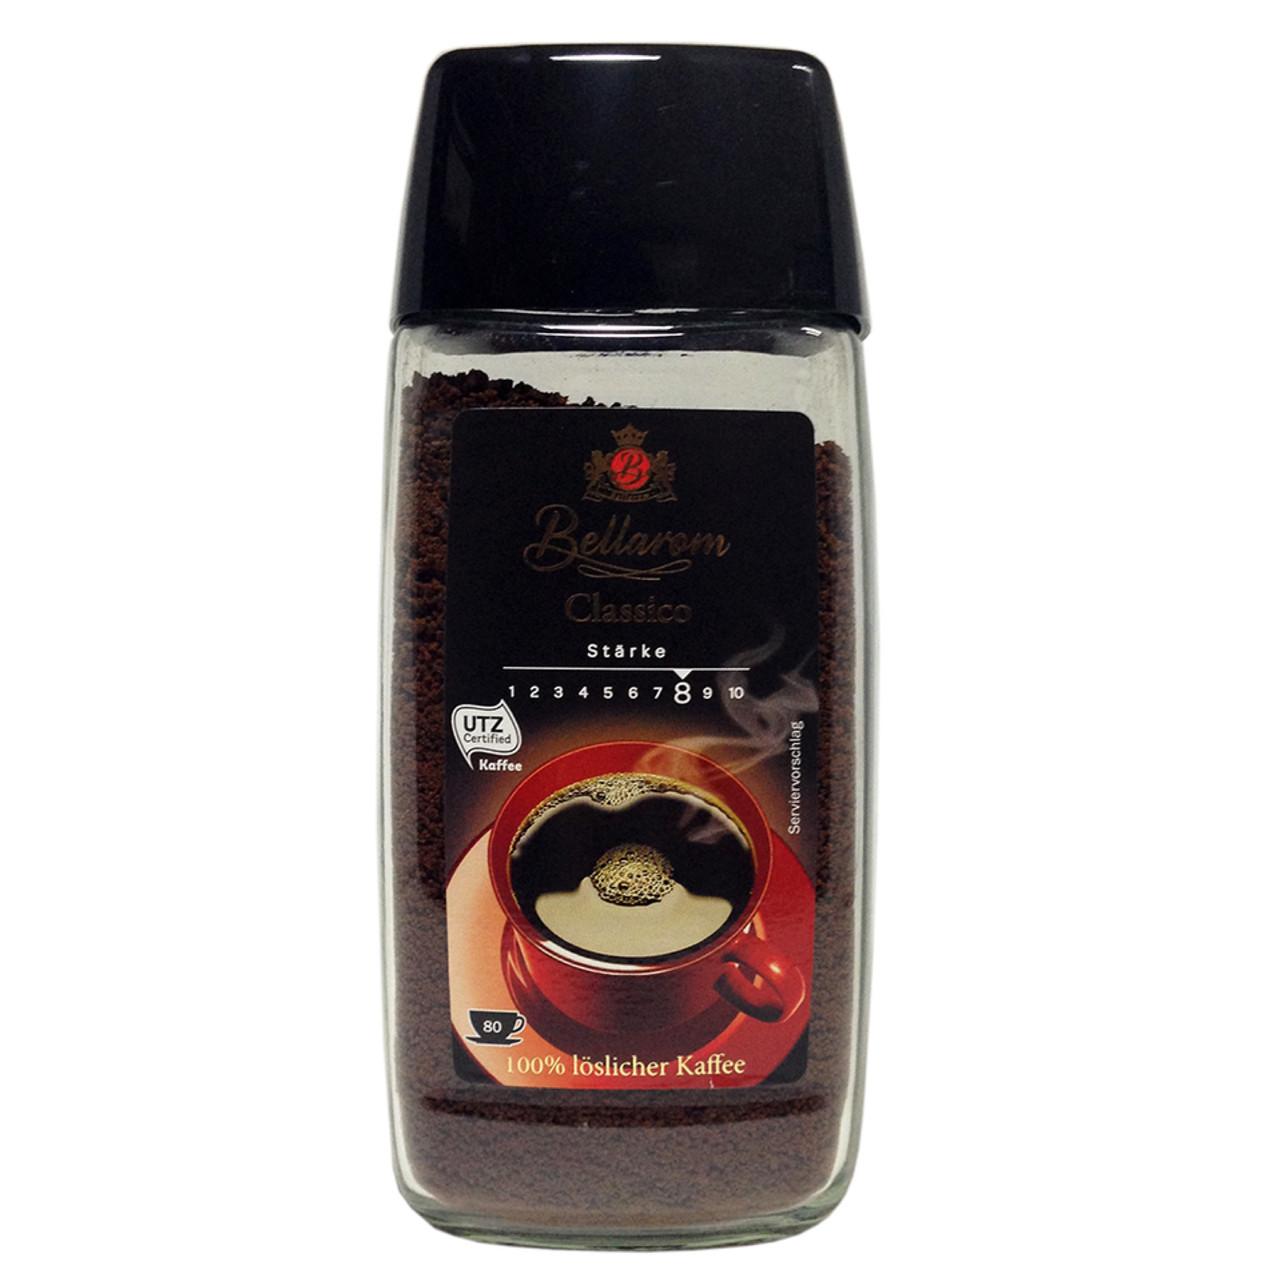 Растворимый кофе «Bellarom Classico STARKE» 100 % арабика (мелкие гранулы) 200 g. Германия